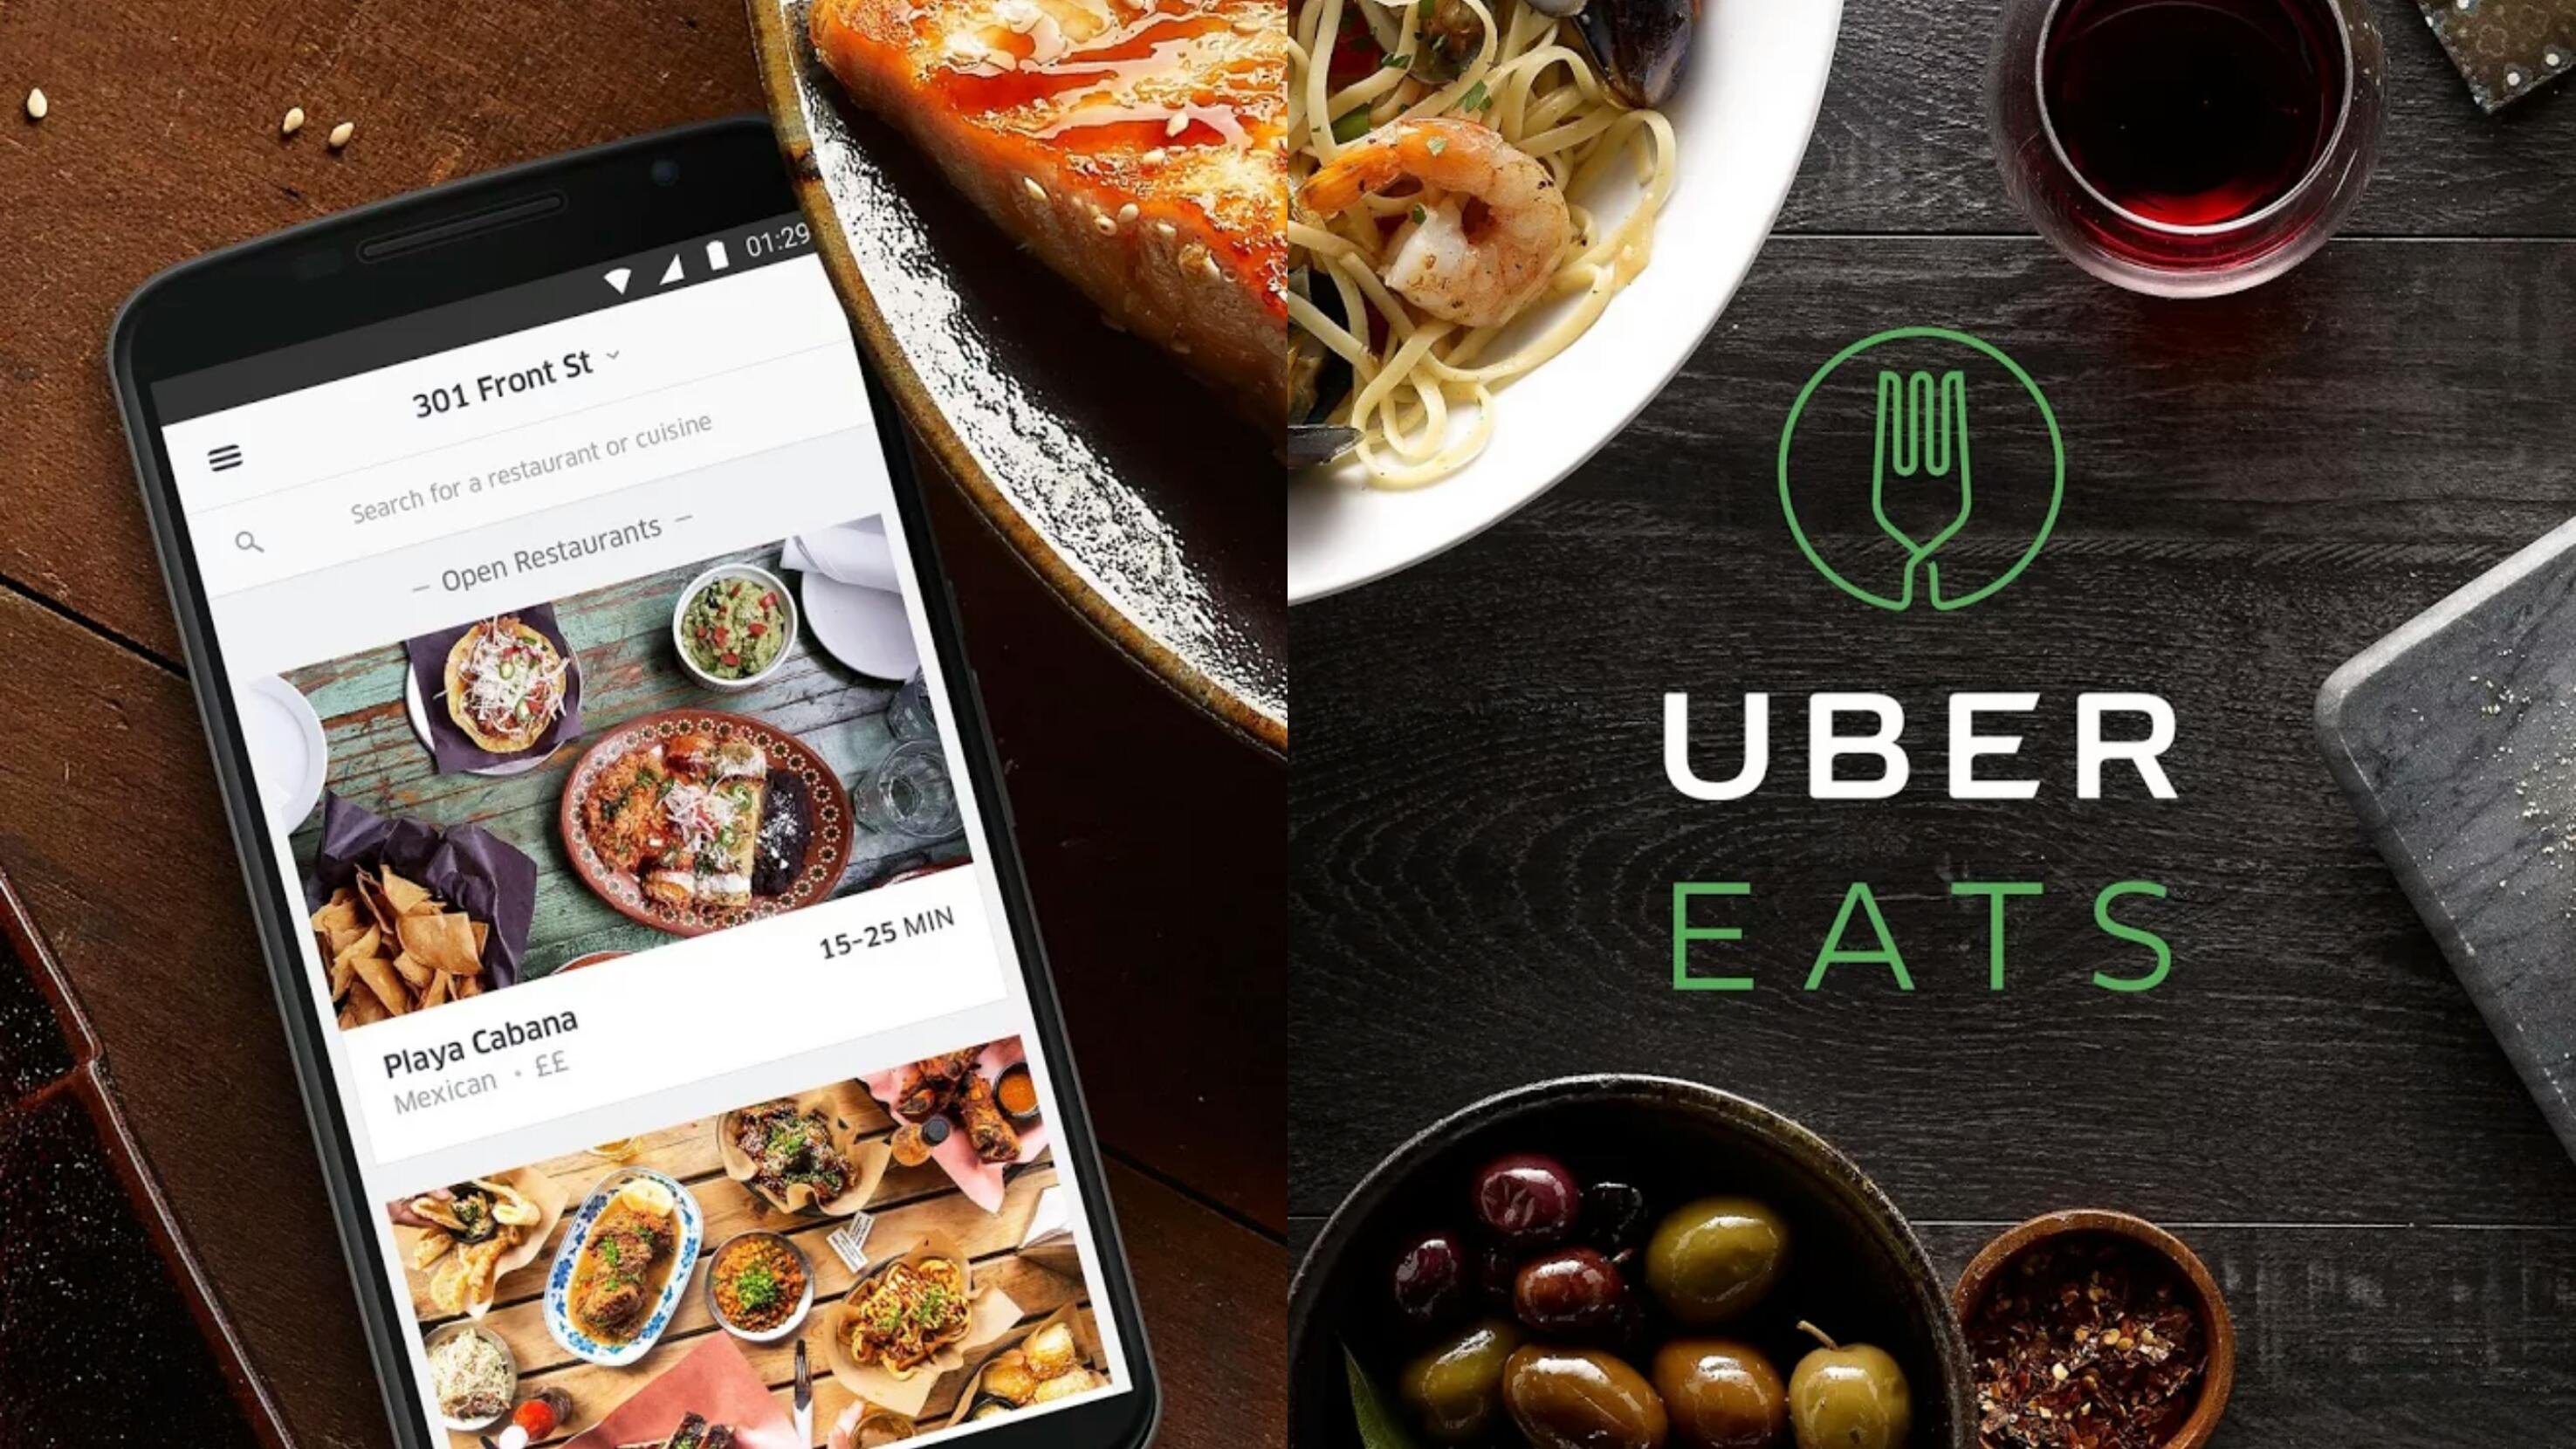 ウーバーイーツ 始めるには 配達 始めるまで 登録方法 登録説明会 UberEats Uber Eats